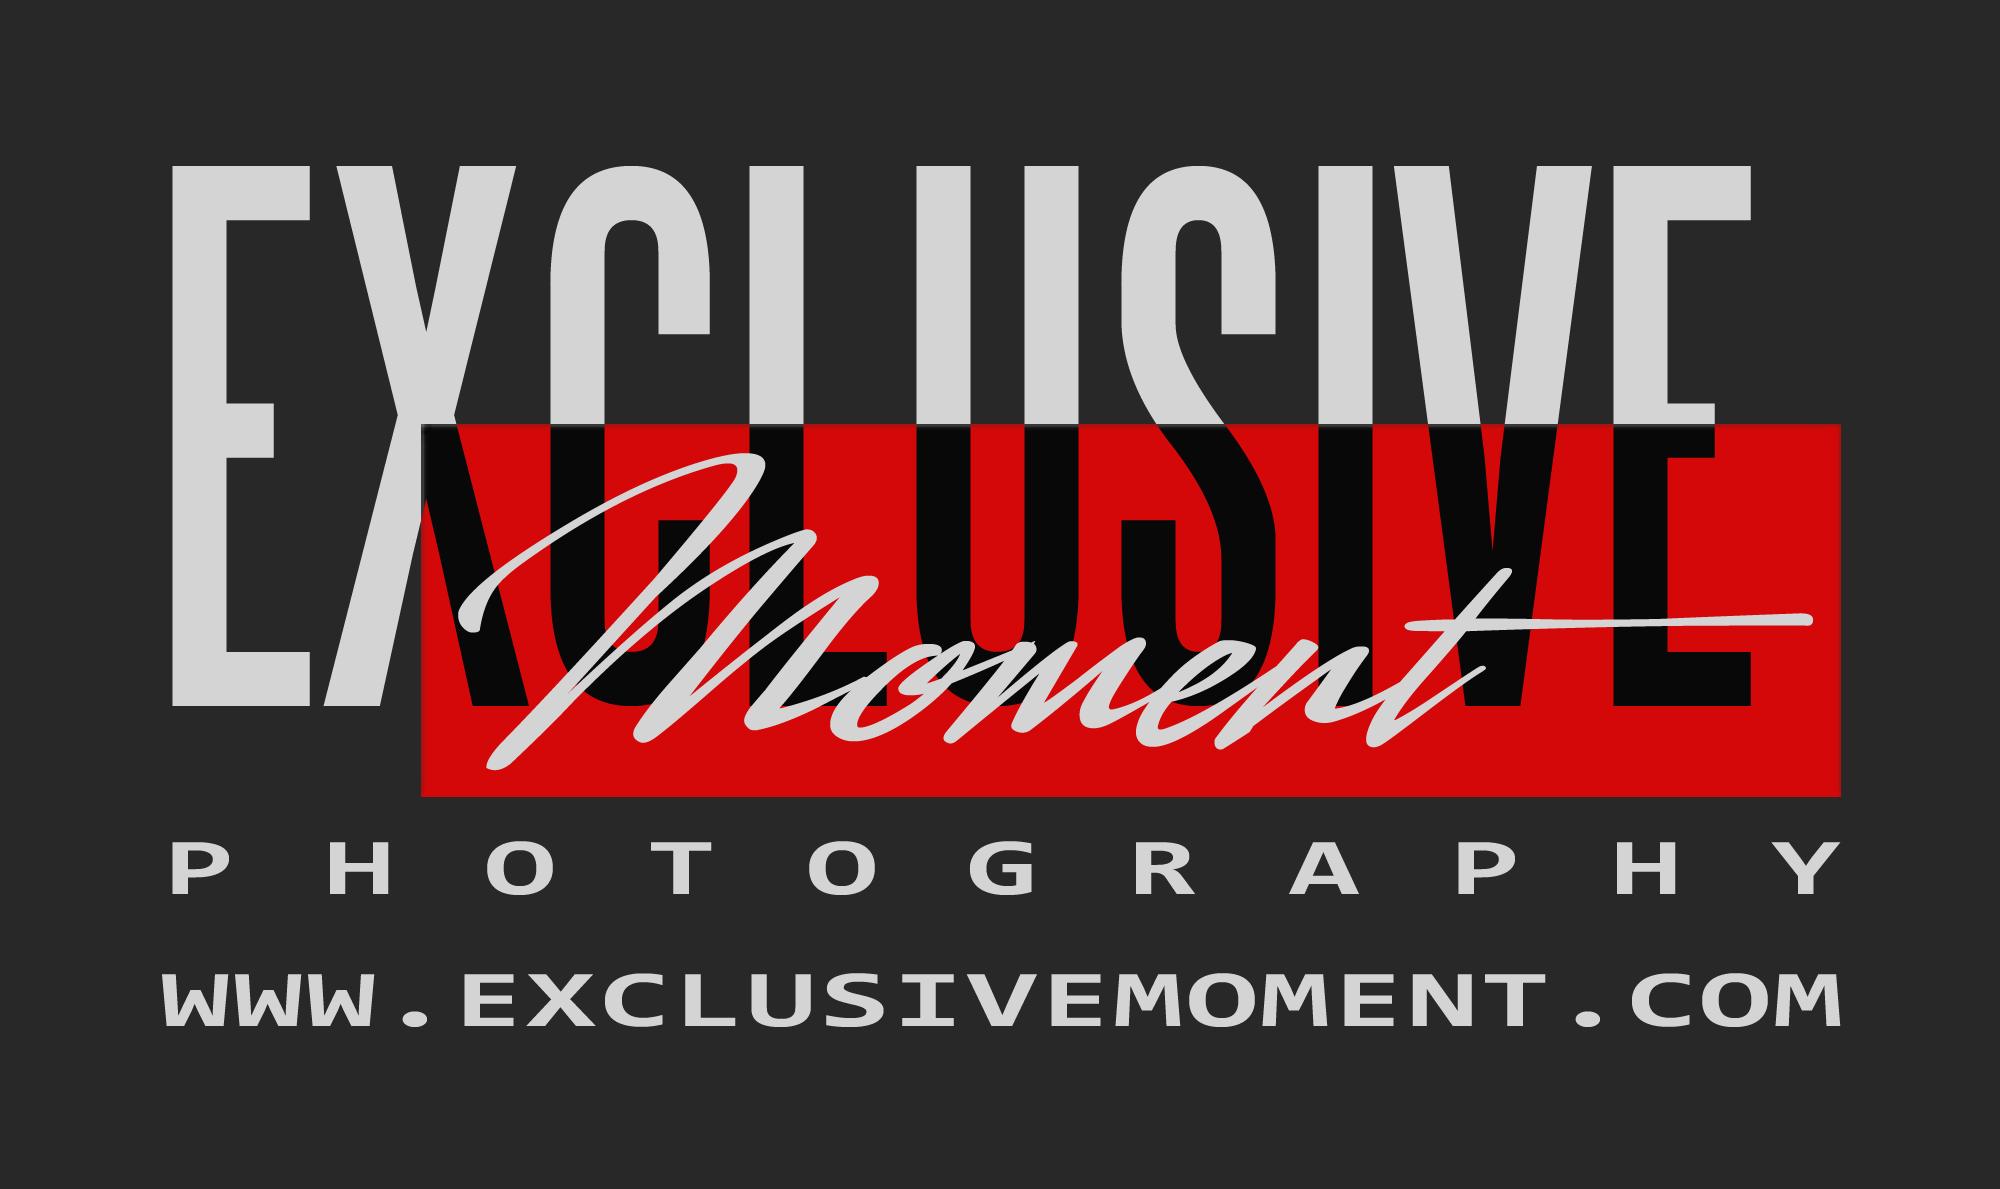 logo exclusive three - photo #40